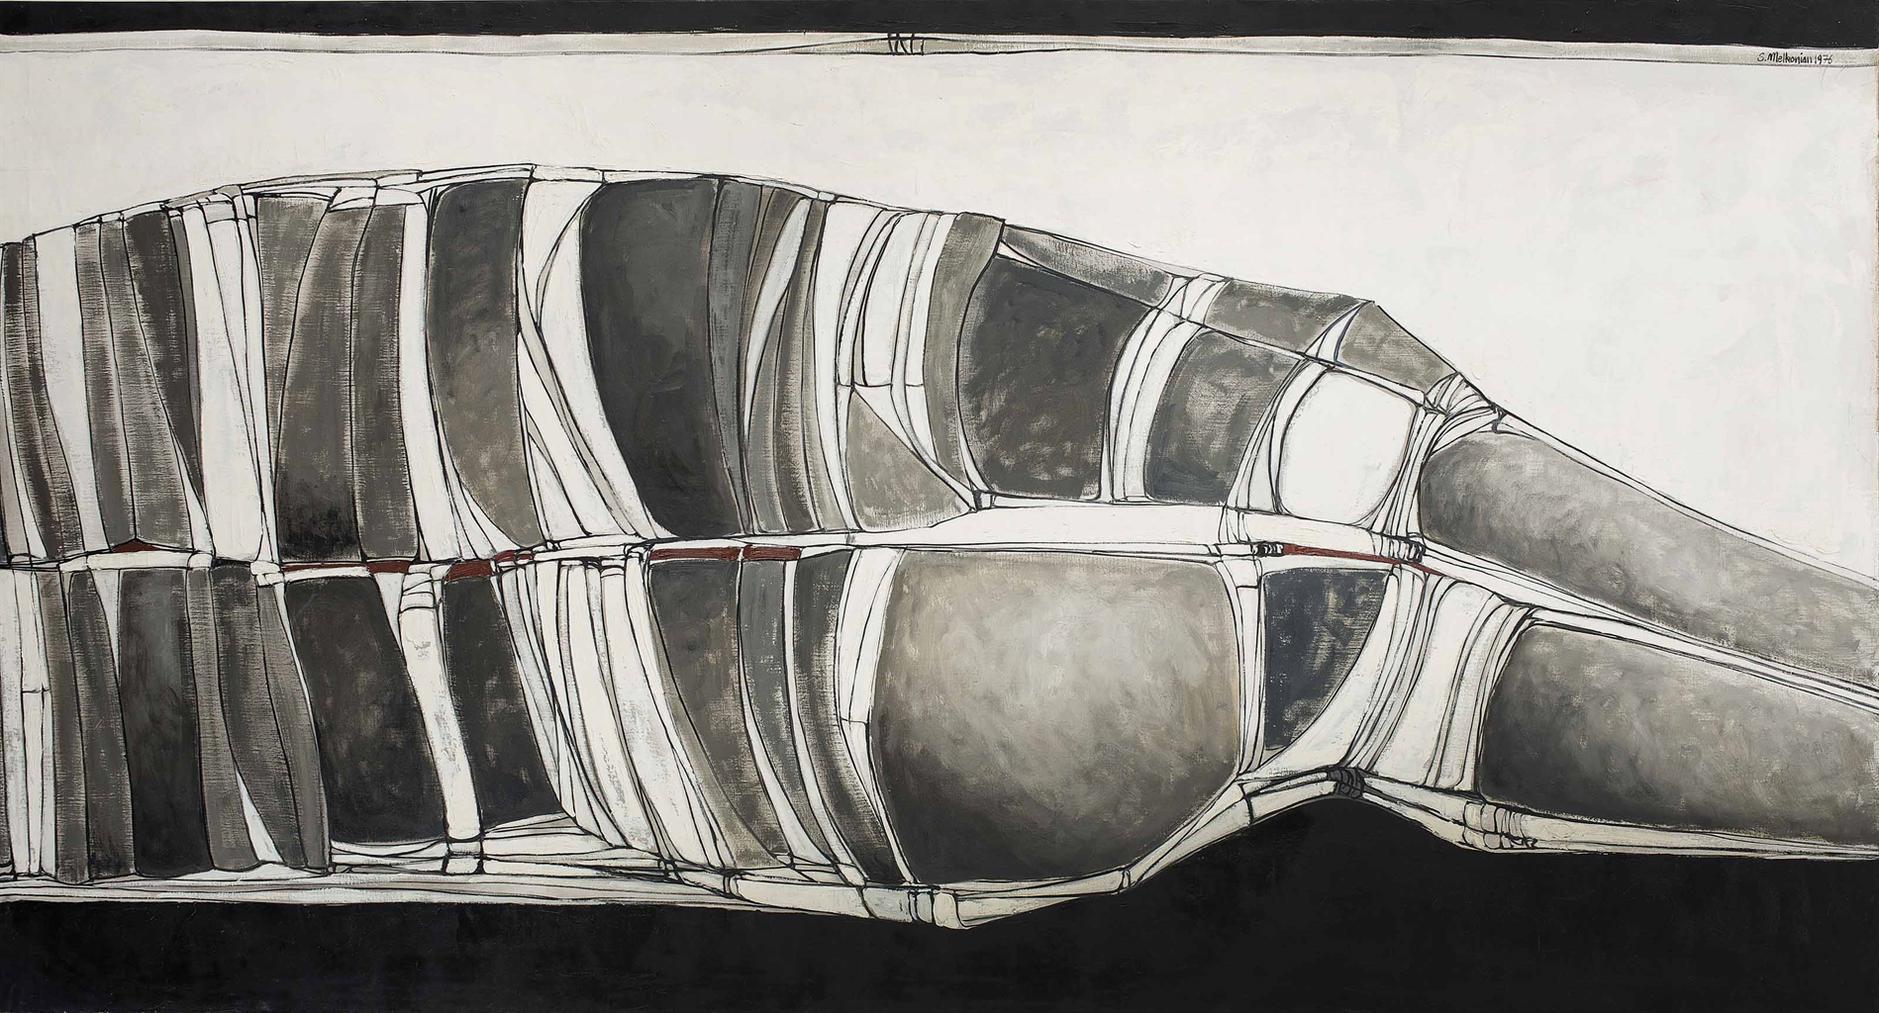 Ak Melkonian - Untitled-1976